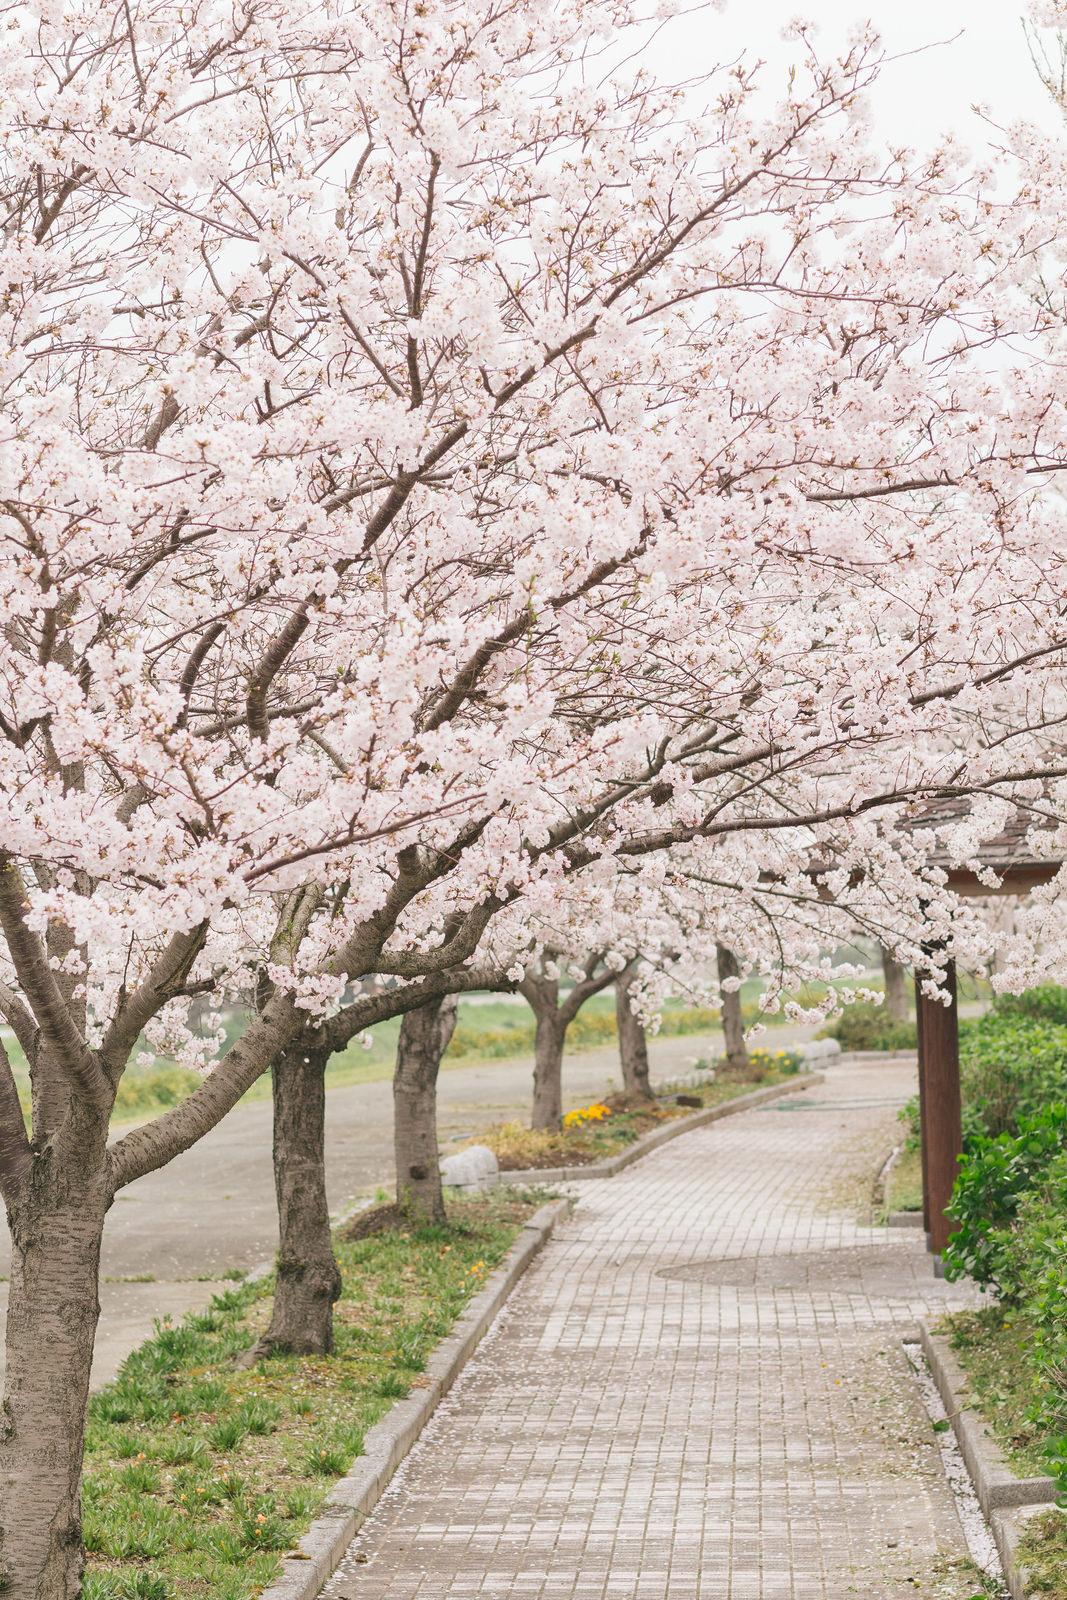 歩道の側に咲く桜並木歩道の側に咲く桜並木